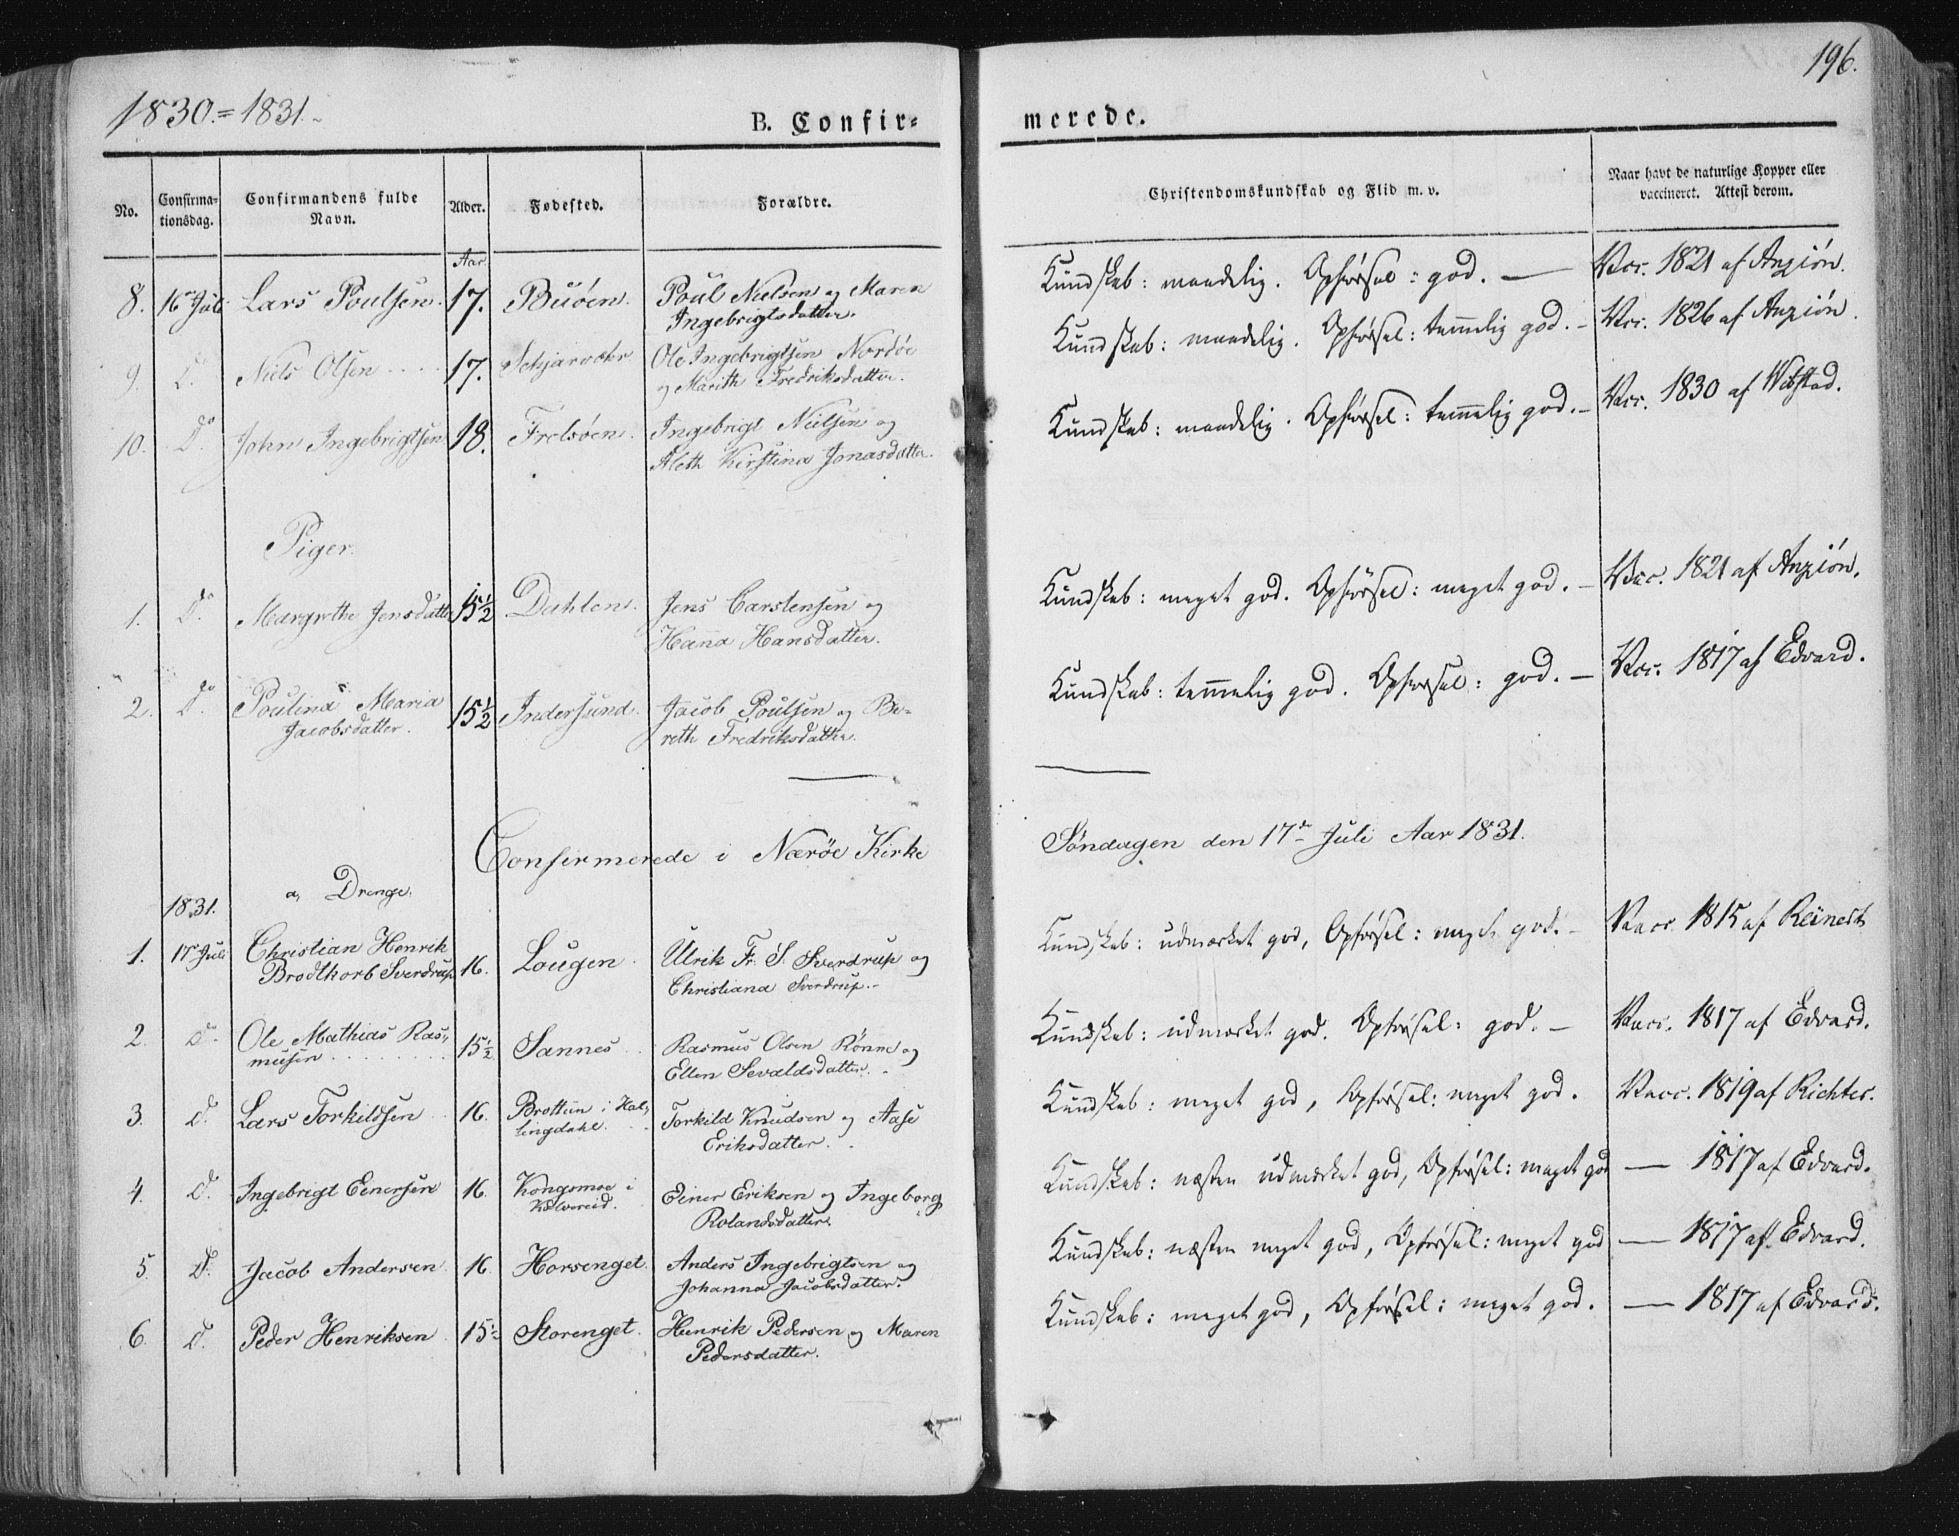 SAT, Ministerialprotokoller, klokkerbøker og fødselsregistre - Nord-Trøndelag, 784/L0669: Ministerialbok nr. 784A04, 1829-1859, s. 196